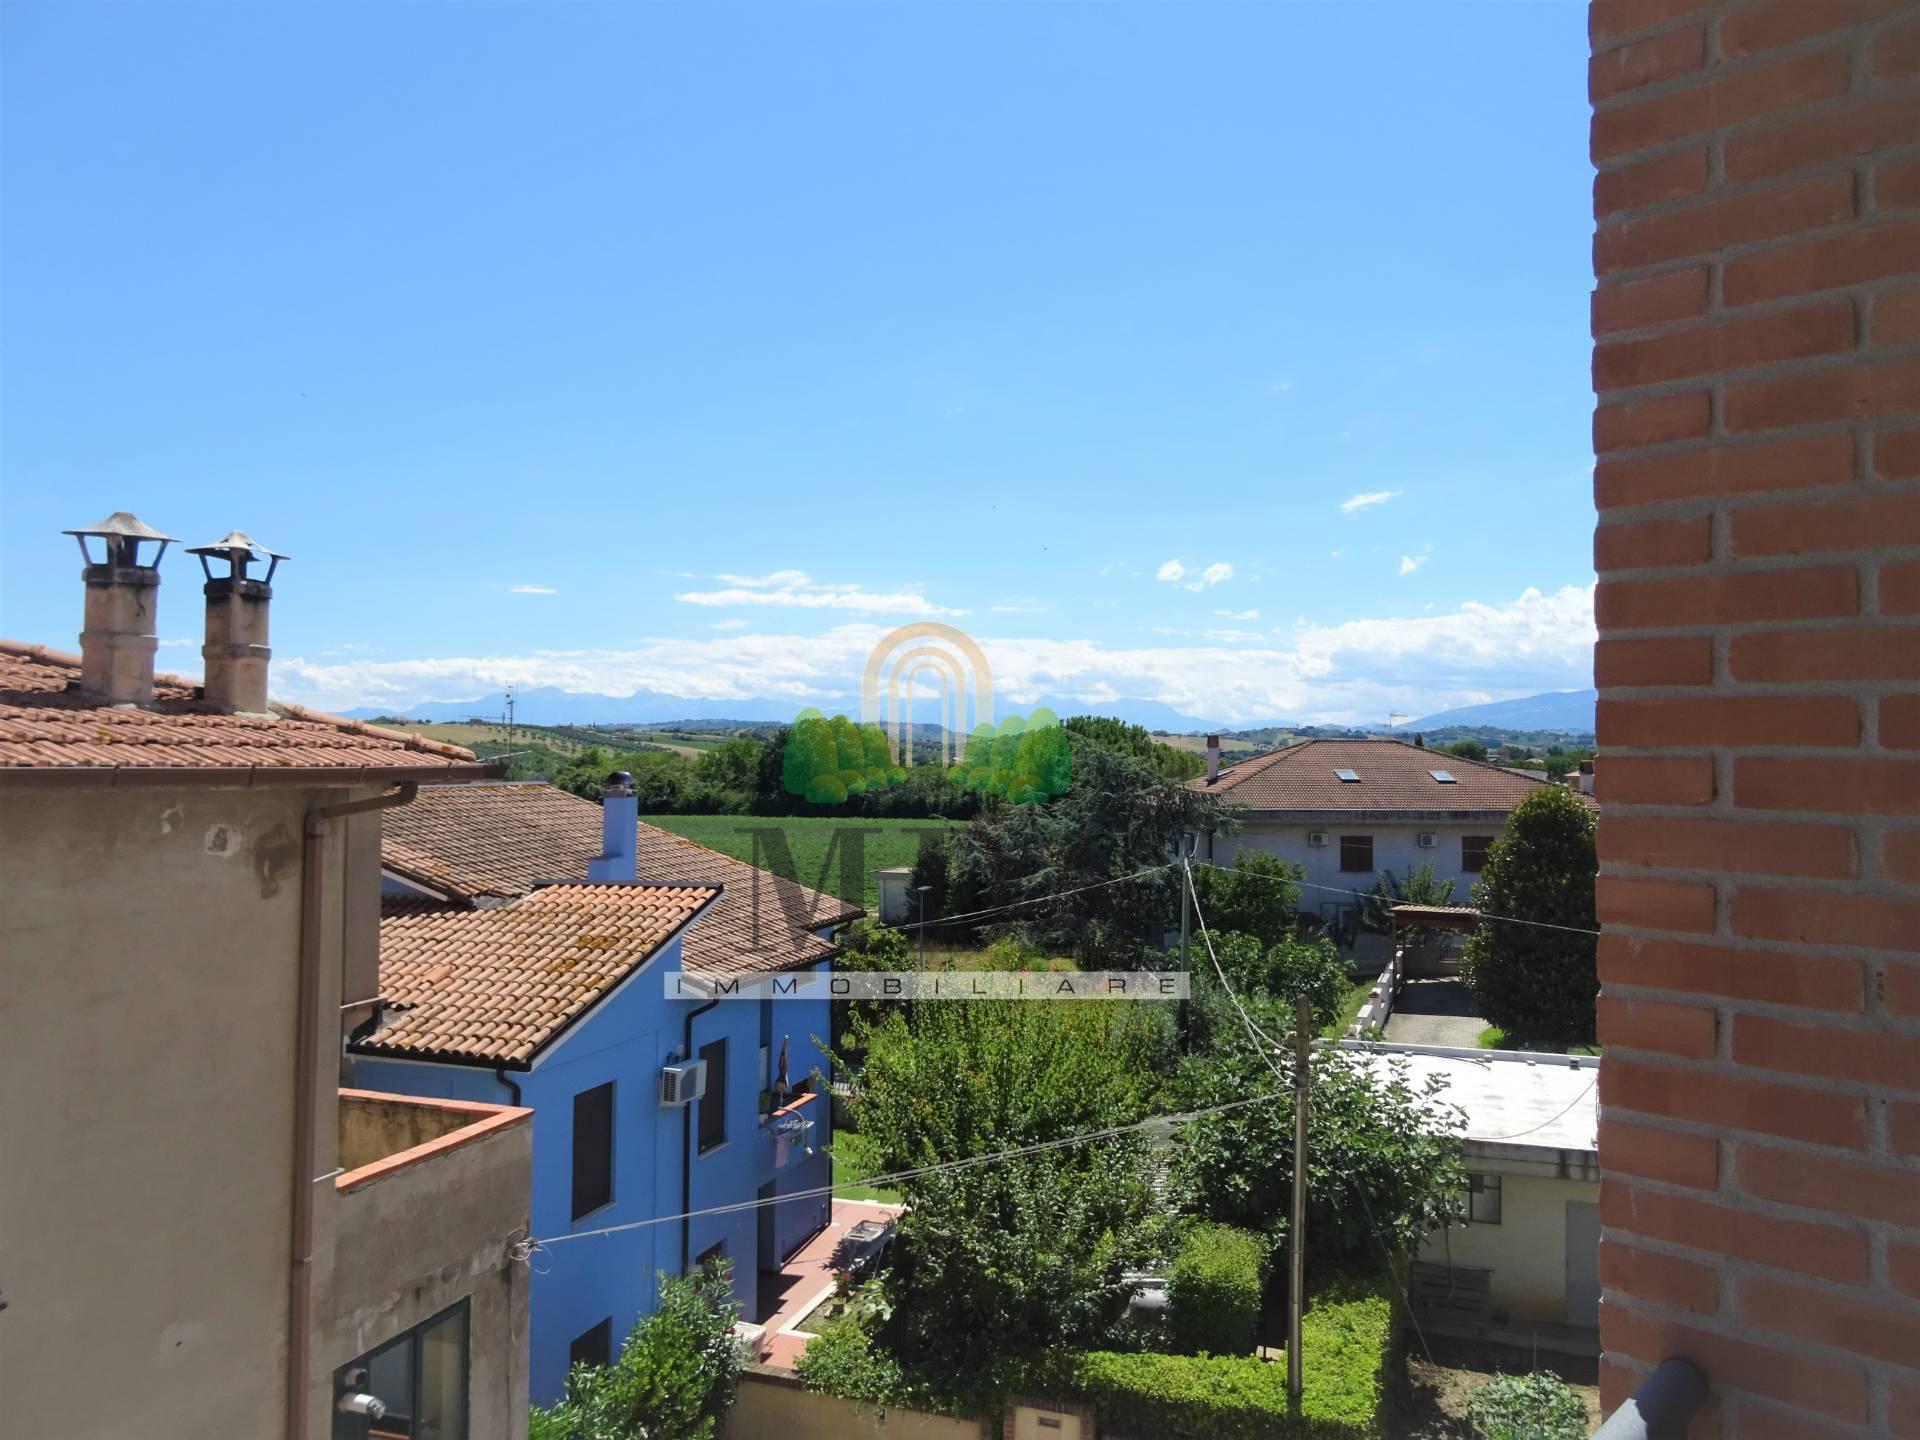 Appartamento in vendita a Corropoli, 6 locali, zona Località: Bivio, prezzo € 95.000 | PortaleAgenzieImmobiliari.it